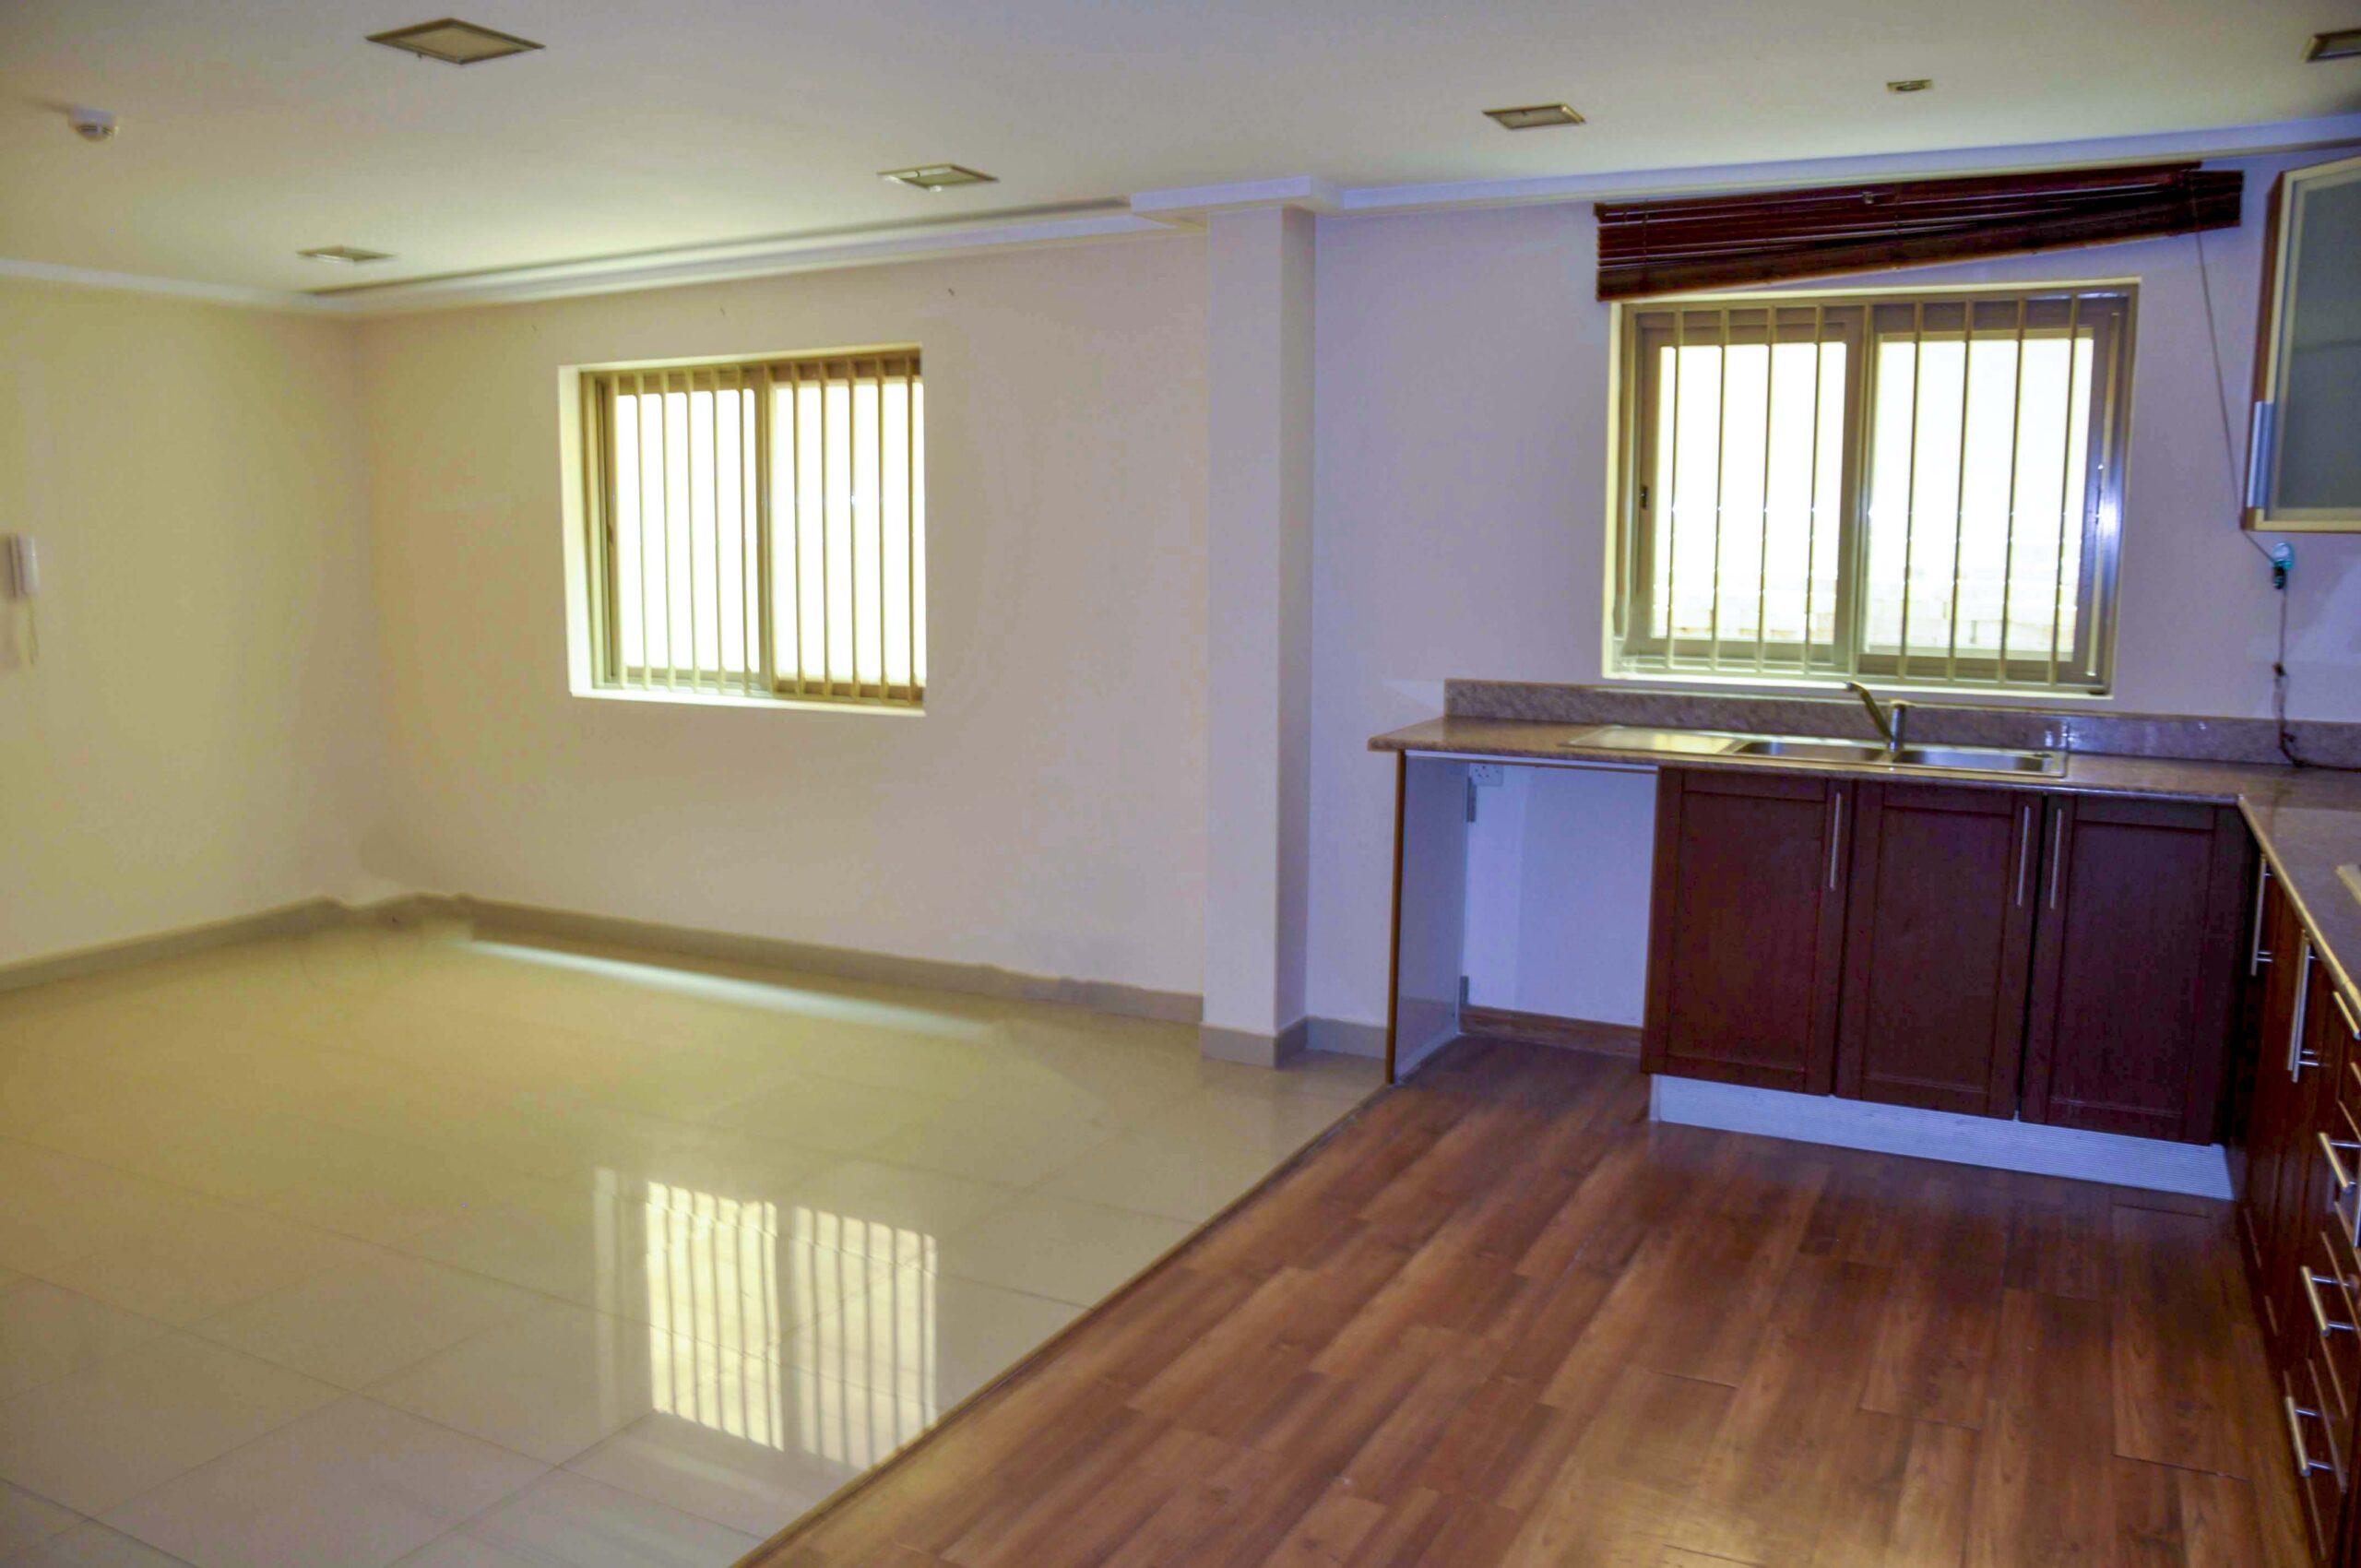 للإيجار شقة سكنية فاخرة نصف مفروشة بمنطقة أبو قوه (سرايا 2)  قيمة الإيجار -/ 260 دينار بالشهر